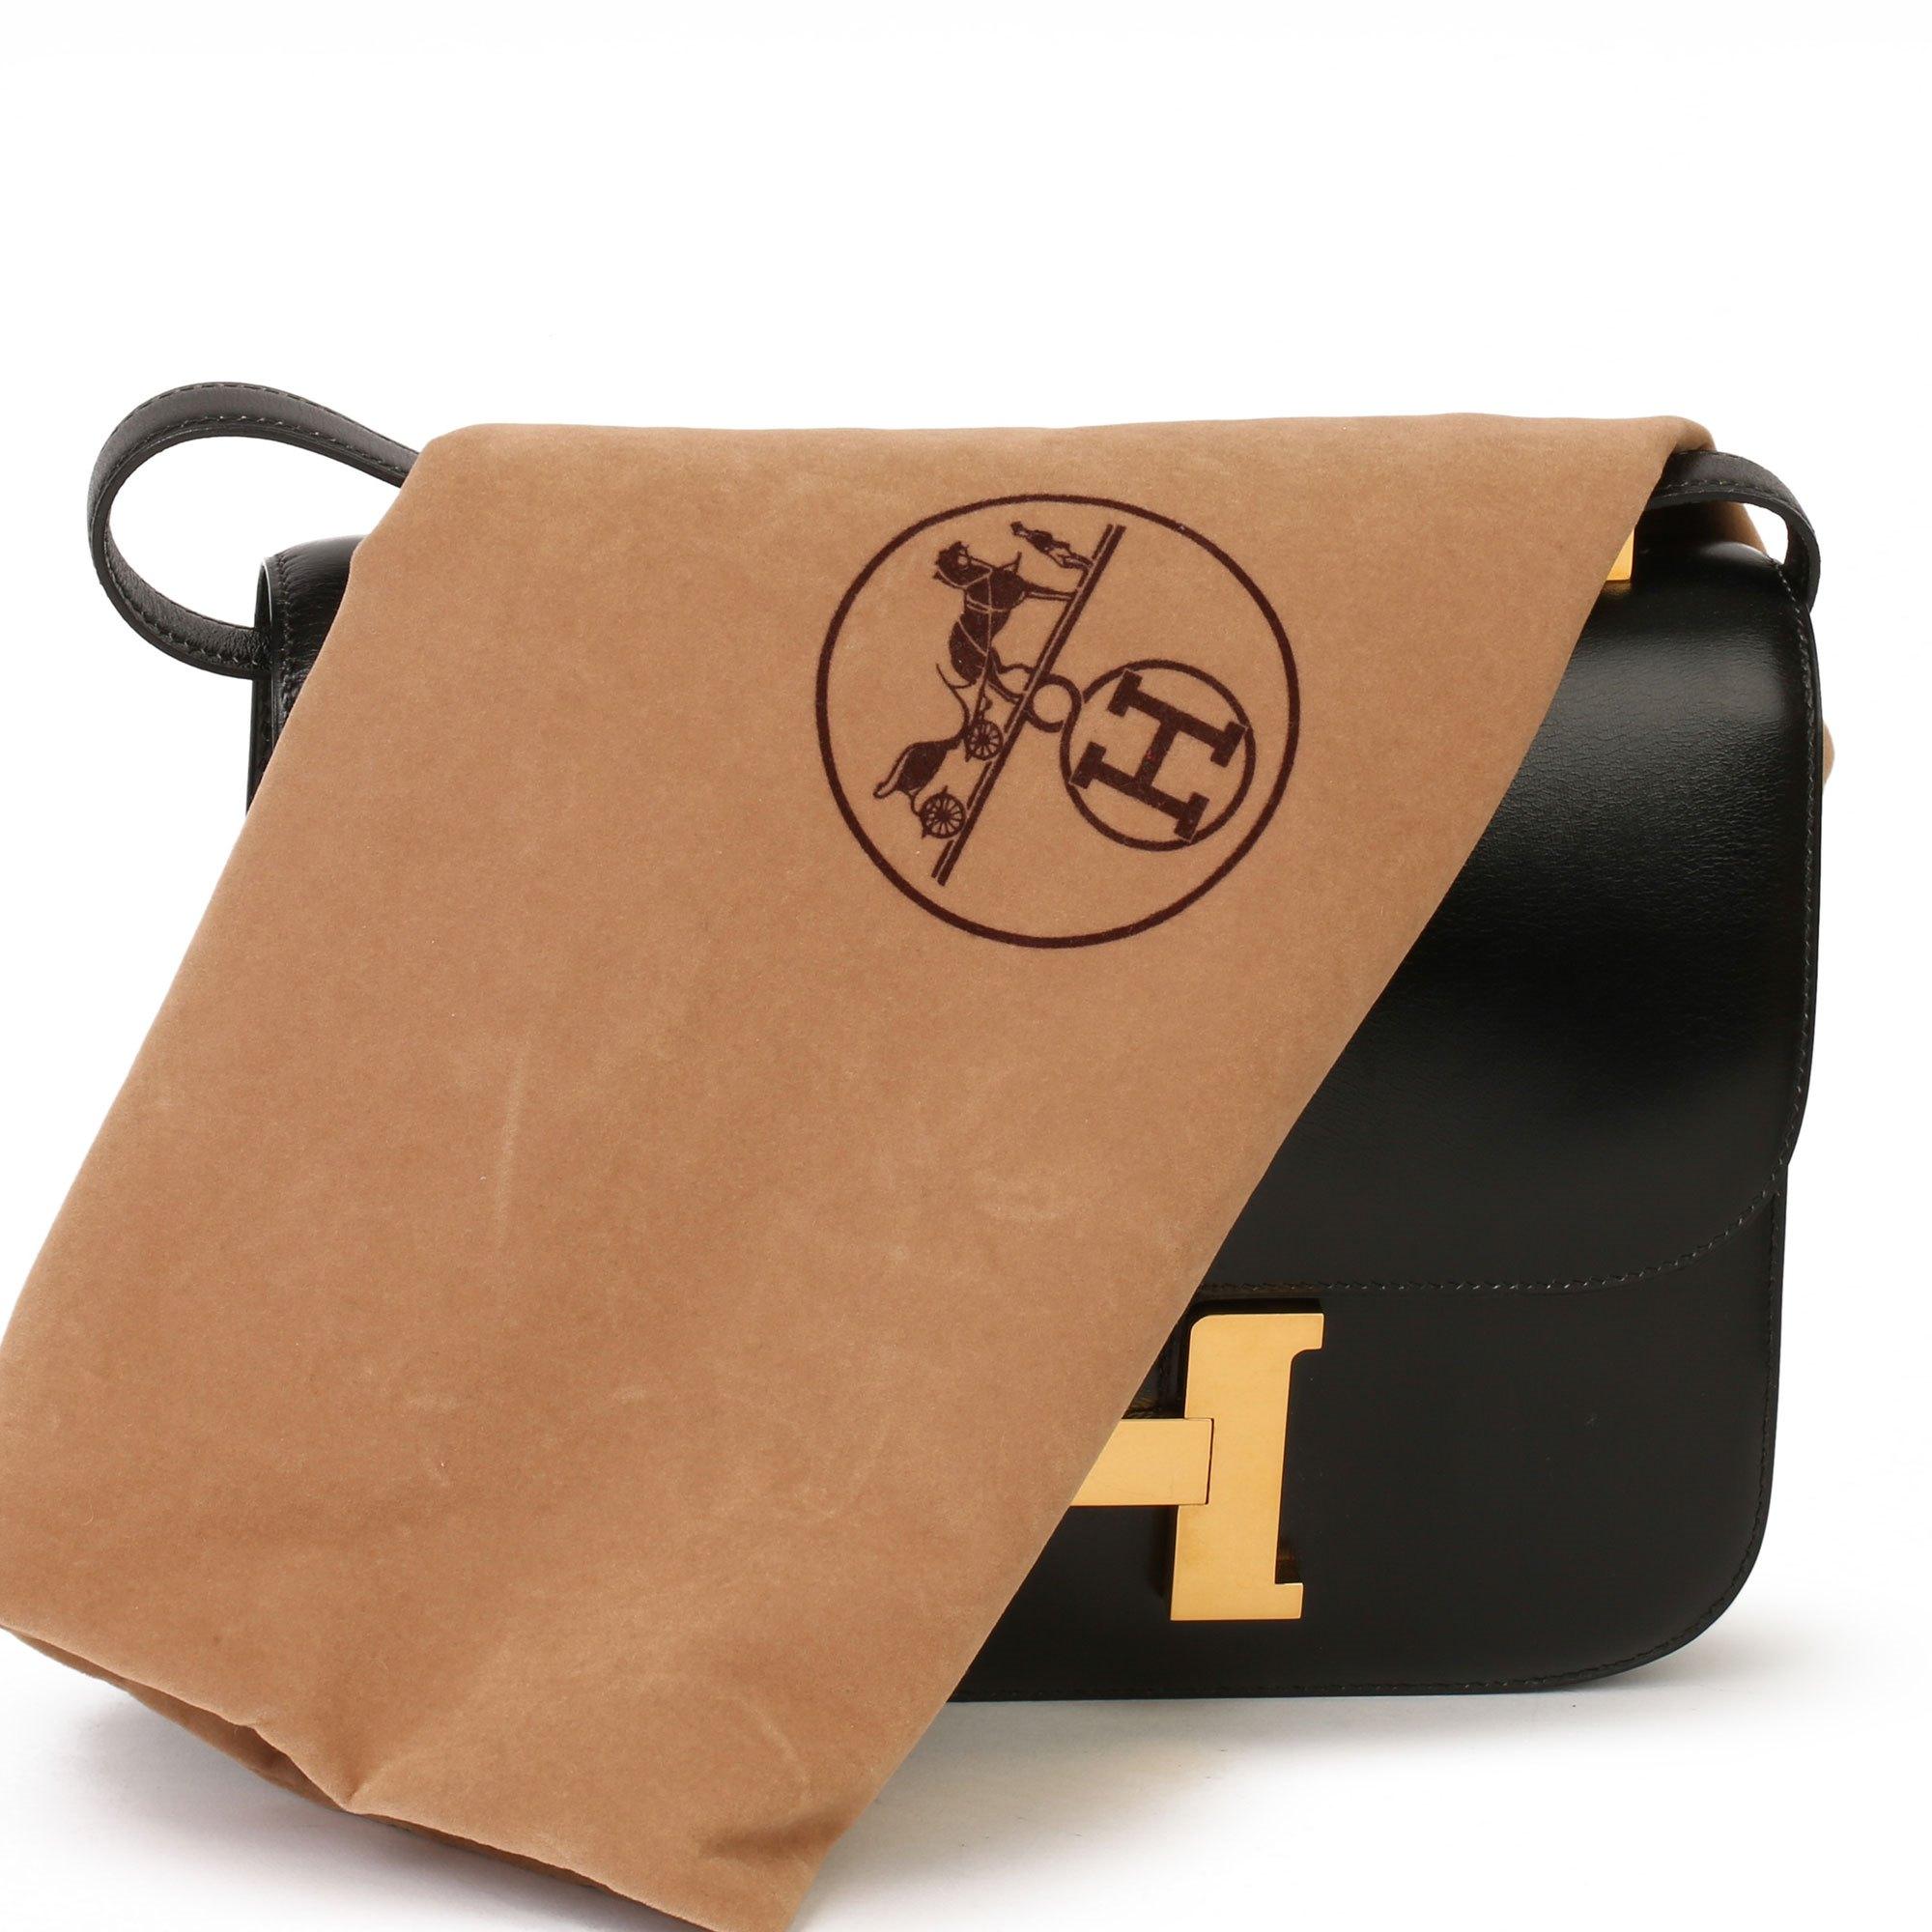 Hermès Black Box Calf Leather Vintage Constance 23